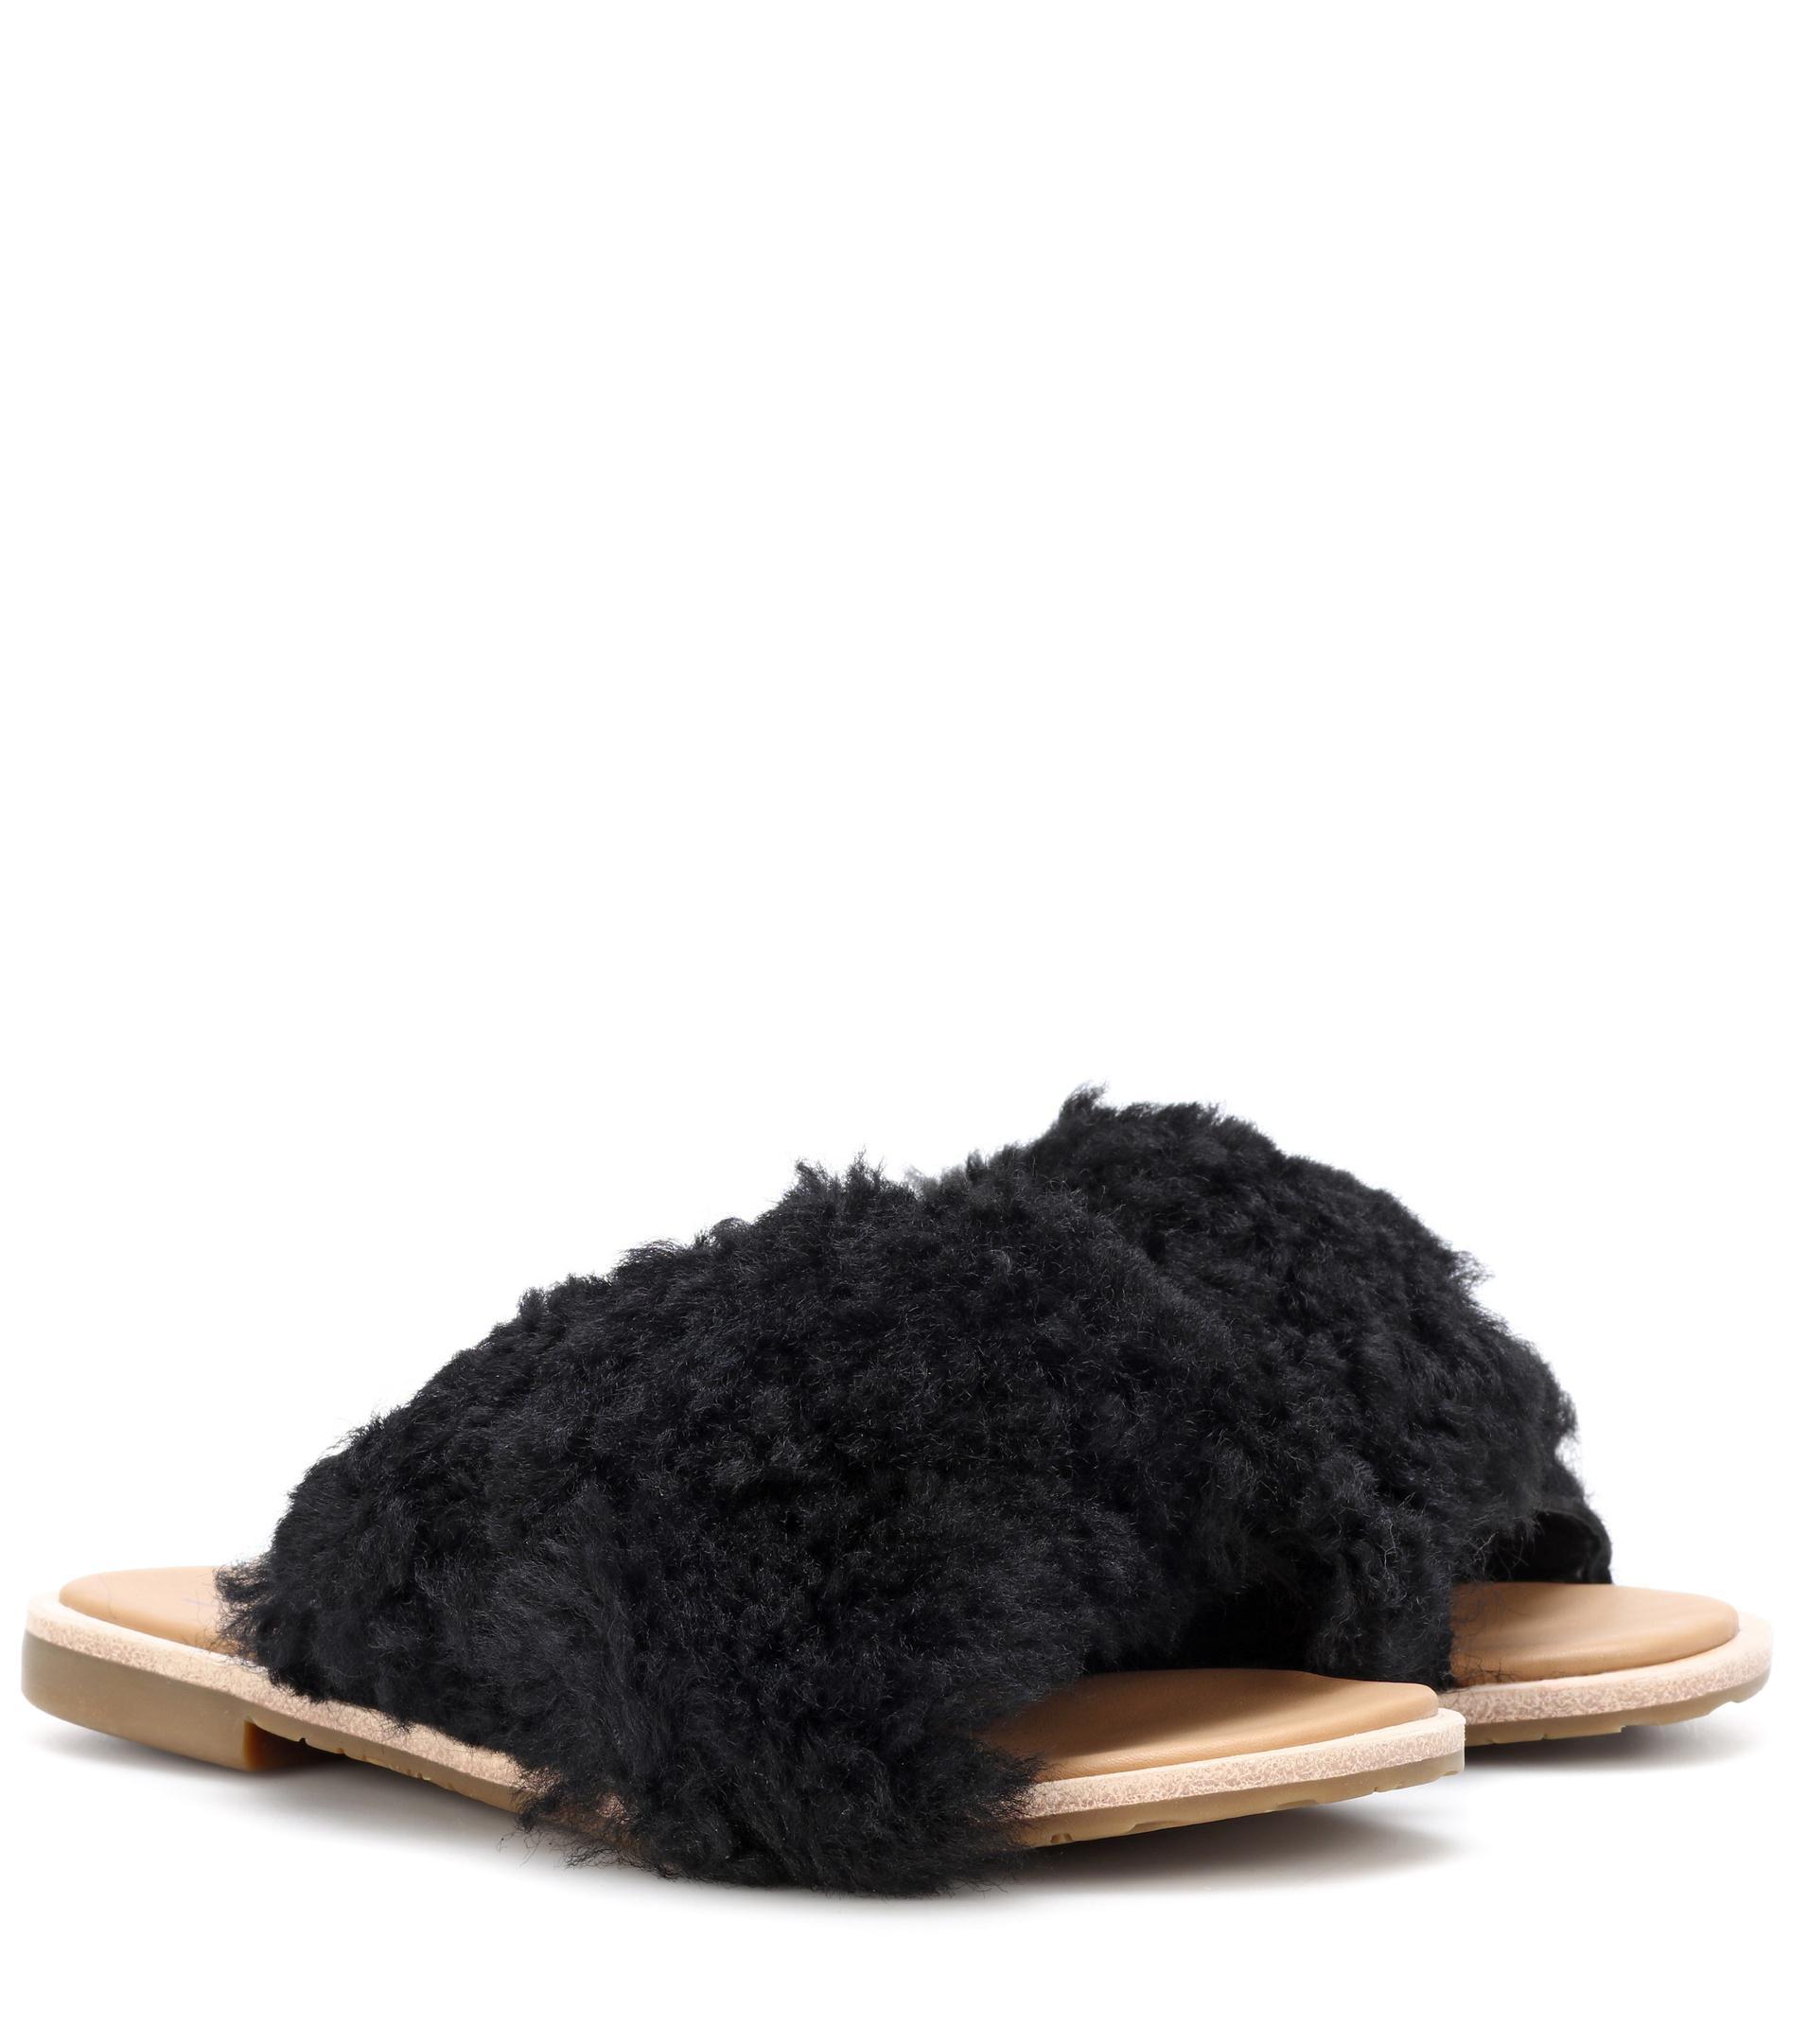 fd50f3eb61a Lyst - UGG Joni Shearling Sandals in Black